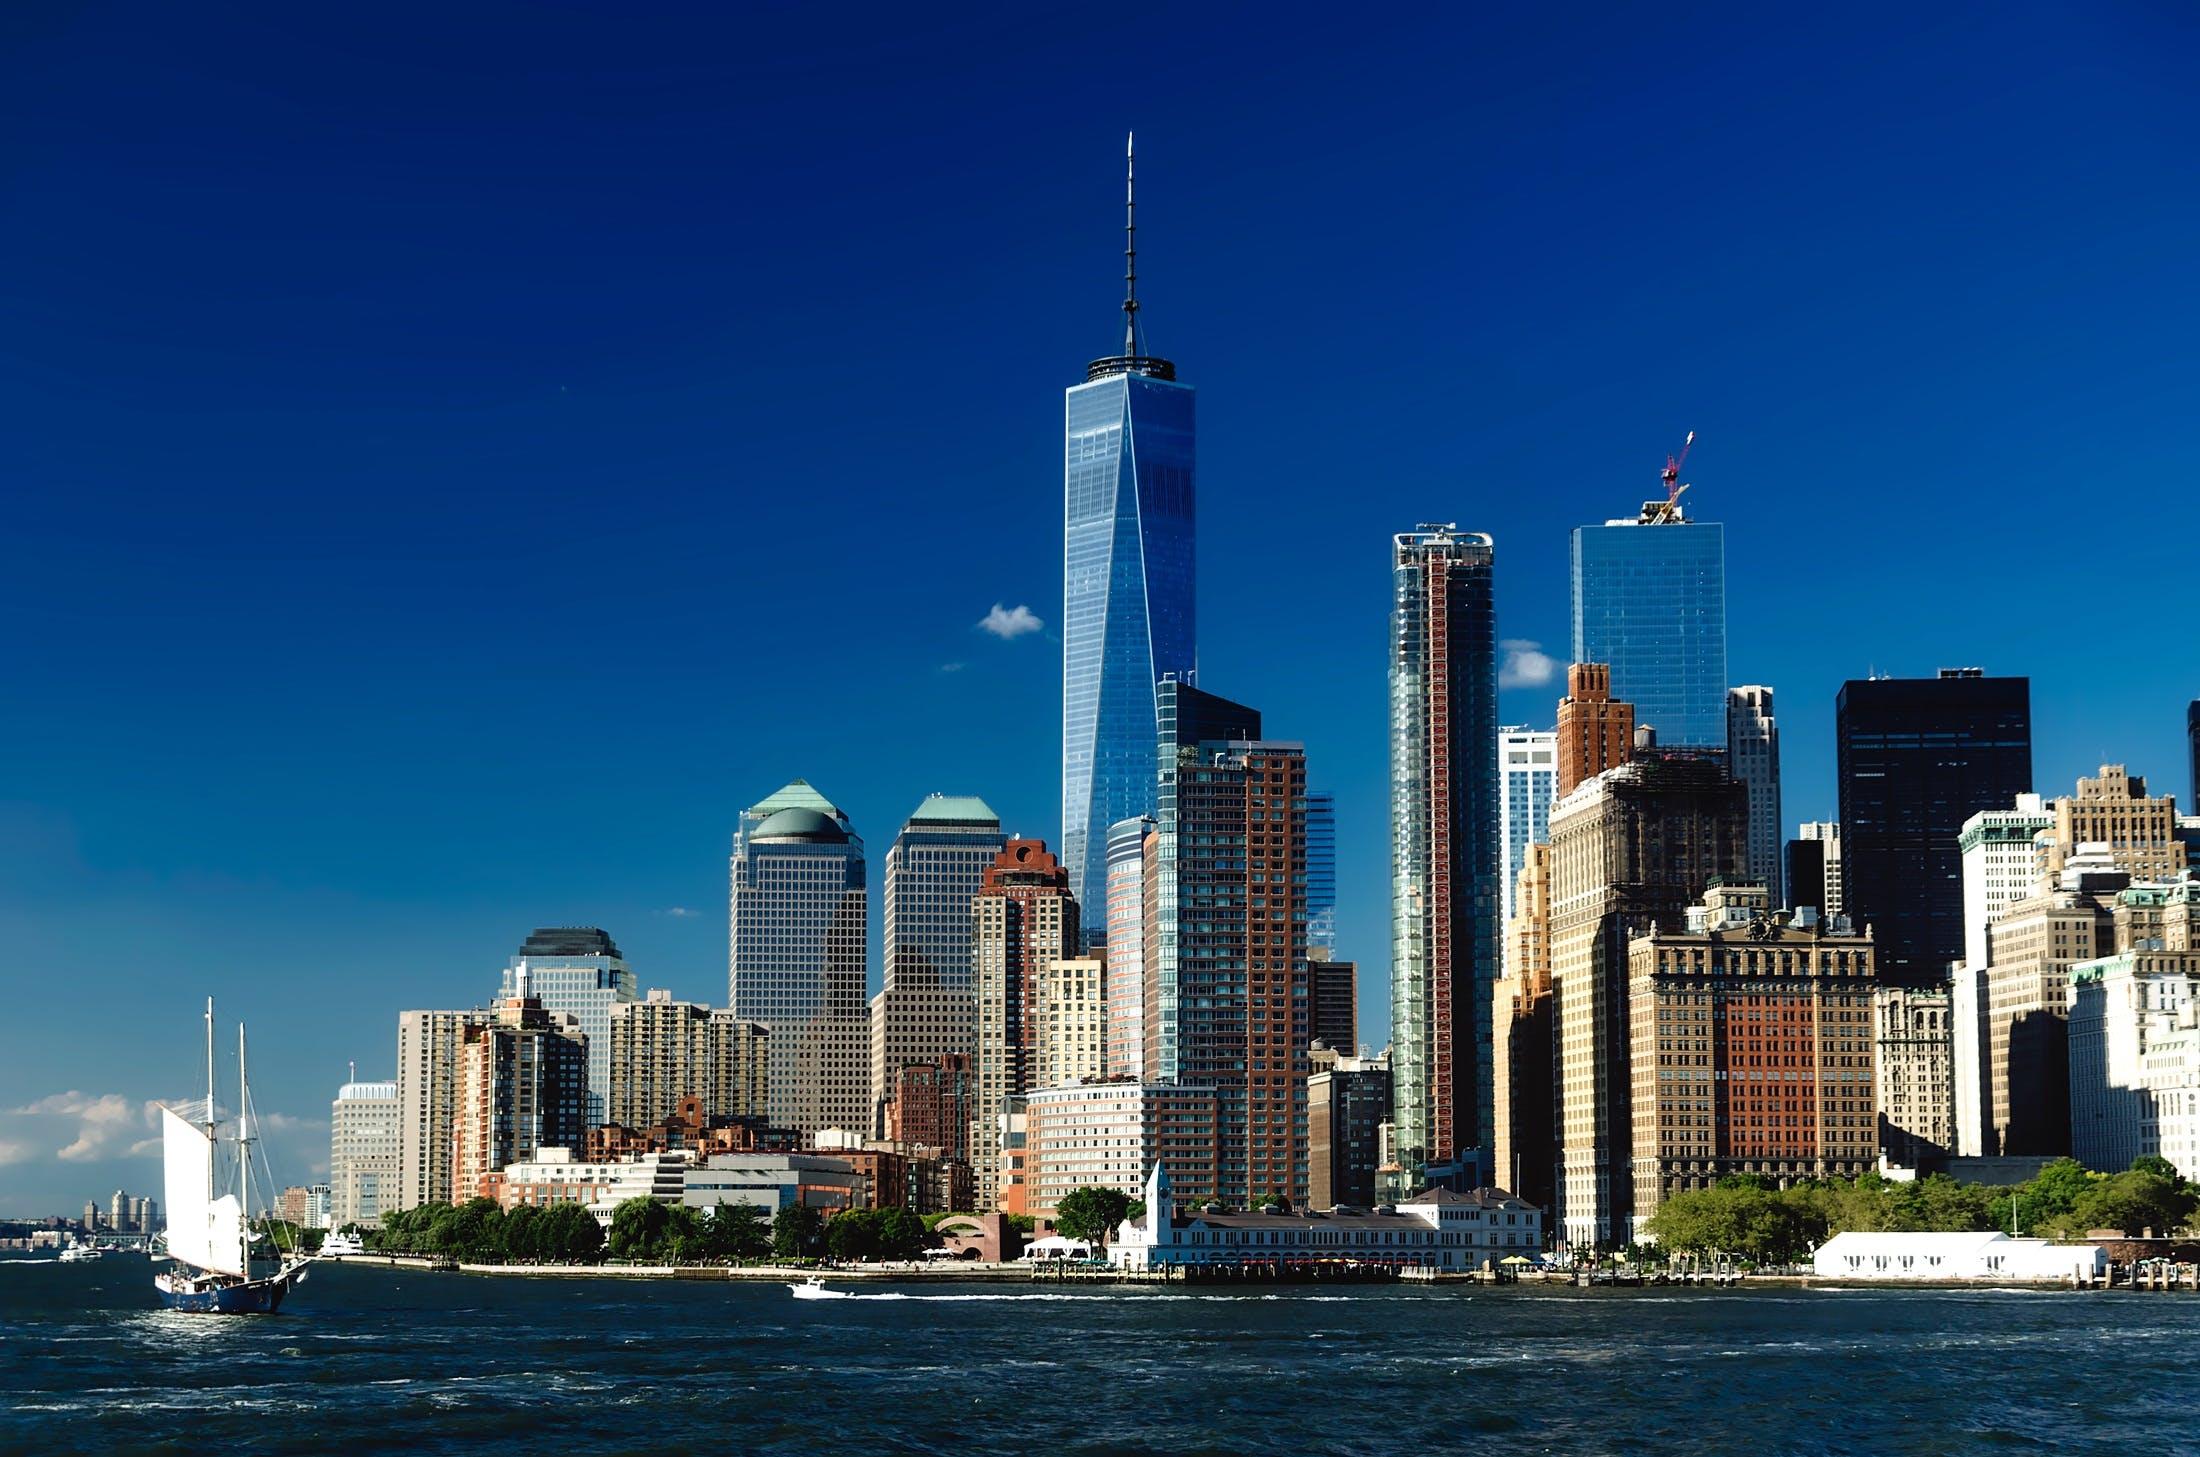 Kostenloses Stock Foto zu architektur, blauer himmel, boot, bucht